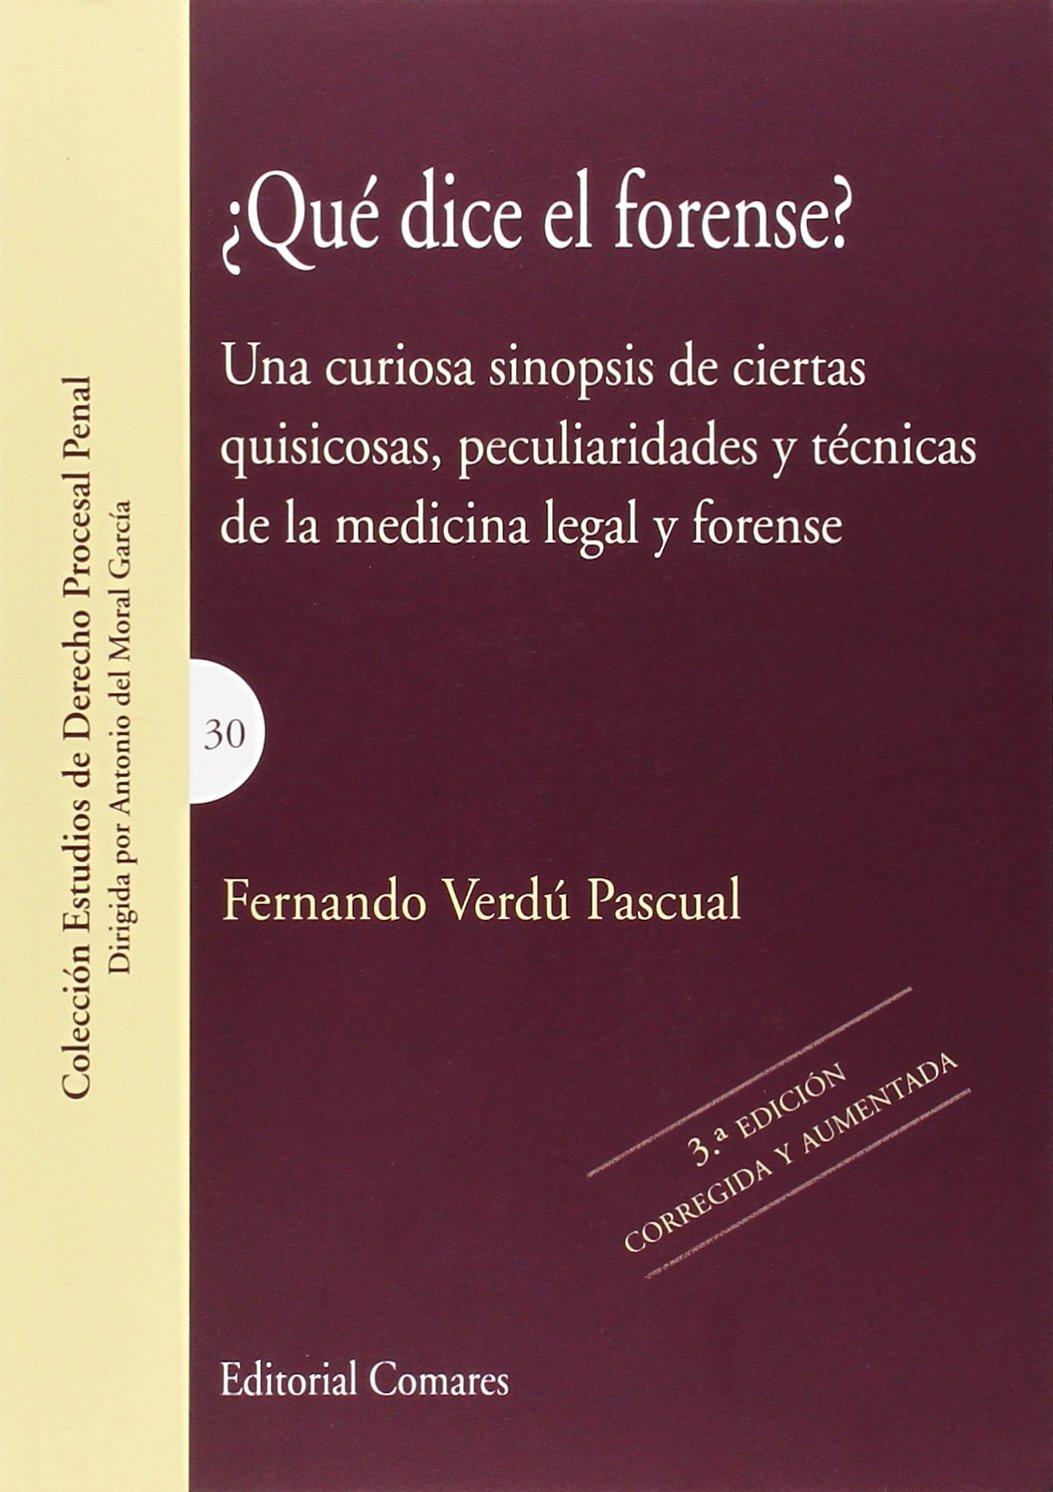 Qué dice el forense? 3ª ed. (Derecho Procesal Penal) Tapa blanda – 8 dic 2014 Fernando Verdu Pascual Comares 8490452199 Criminal law & procedure